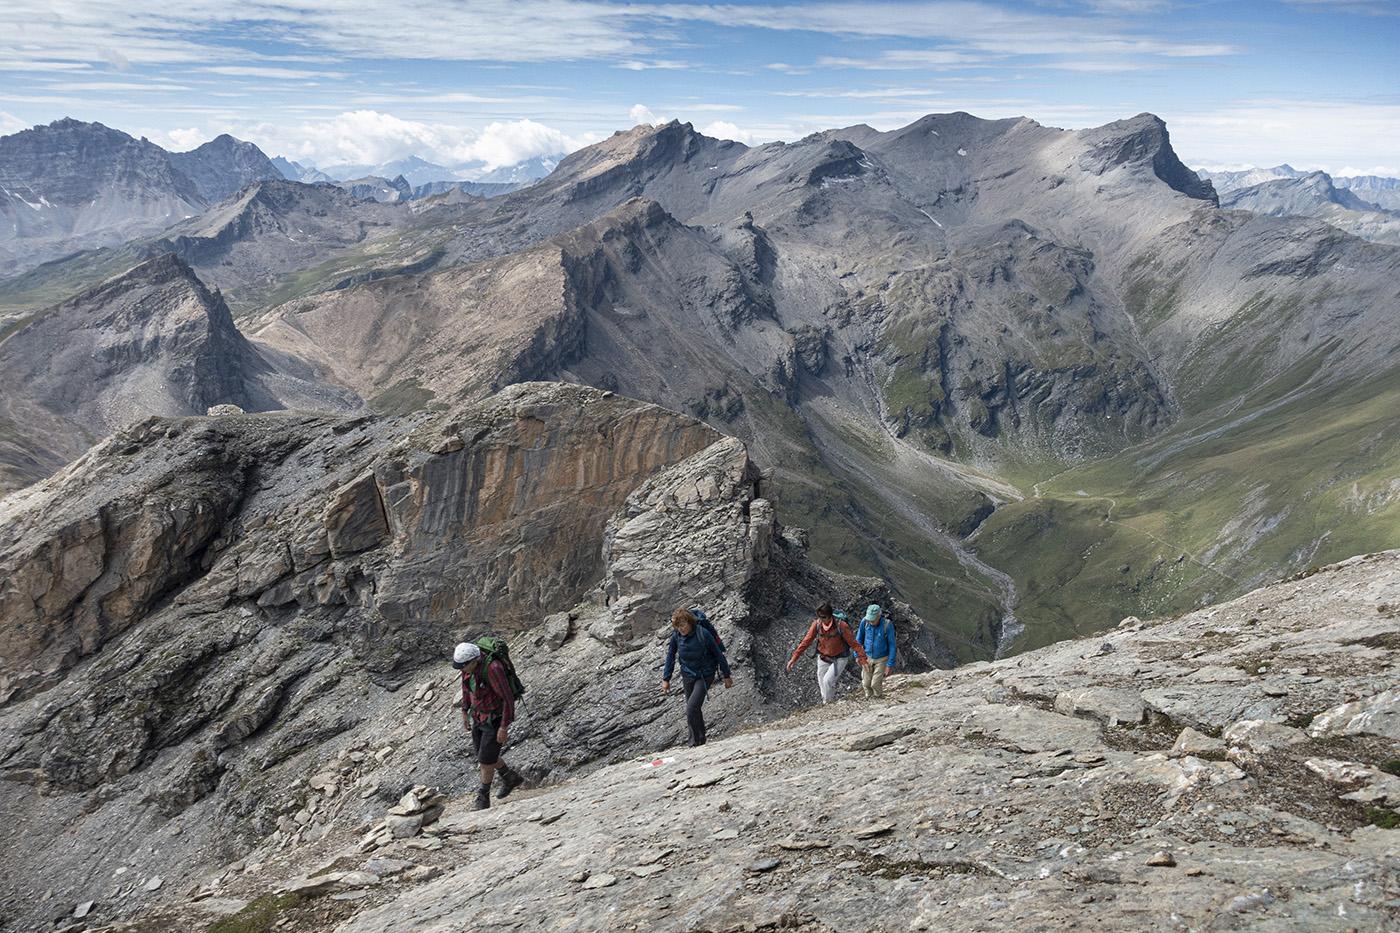 Wanderung Naturpark Beverin 22.-29. August 2020 © Valerie Chetelat